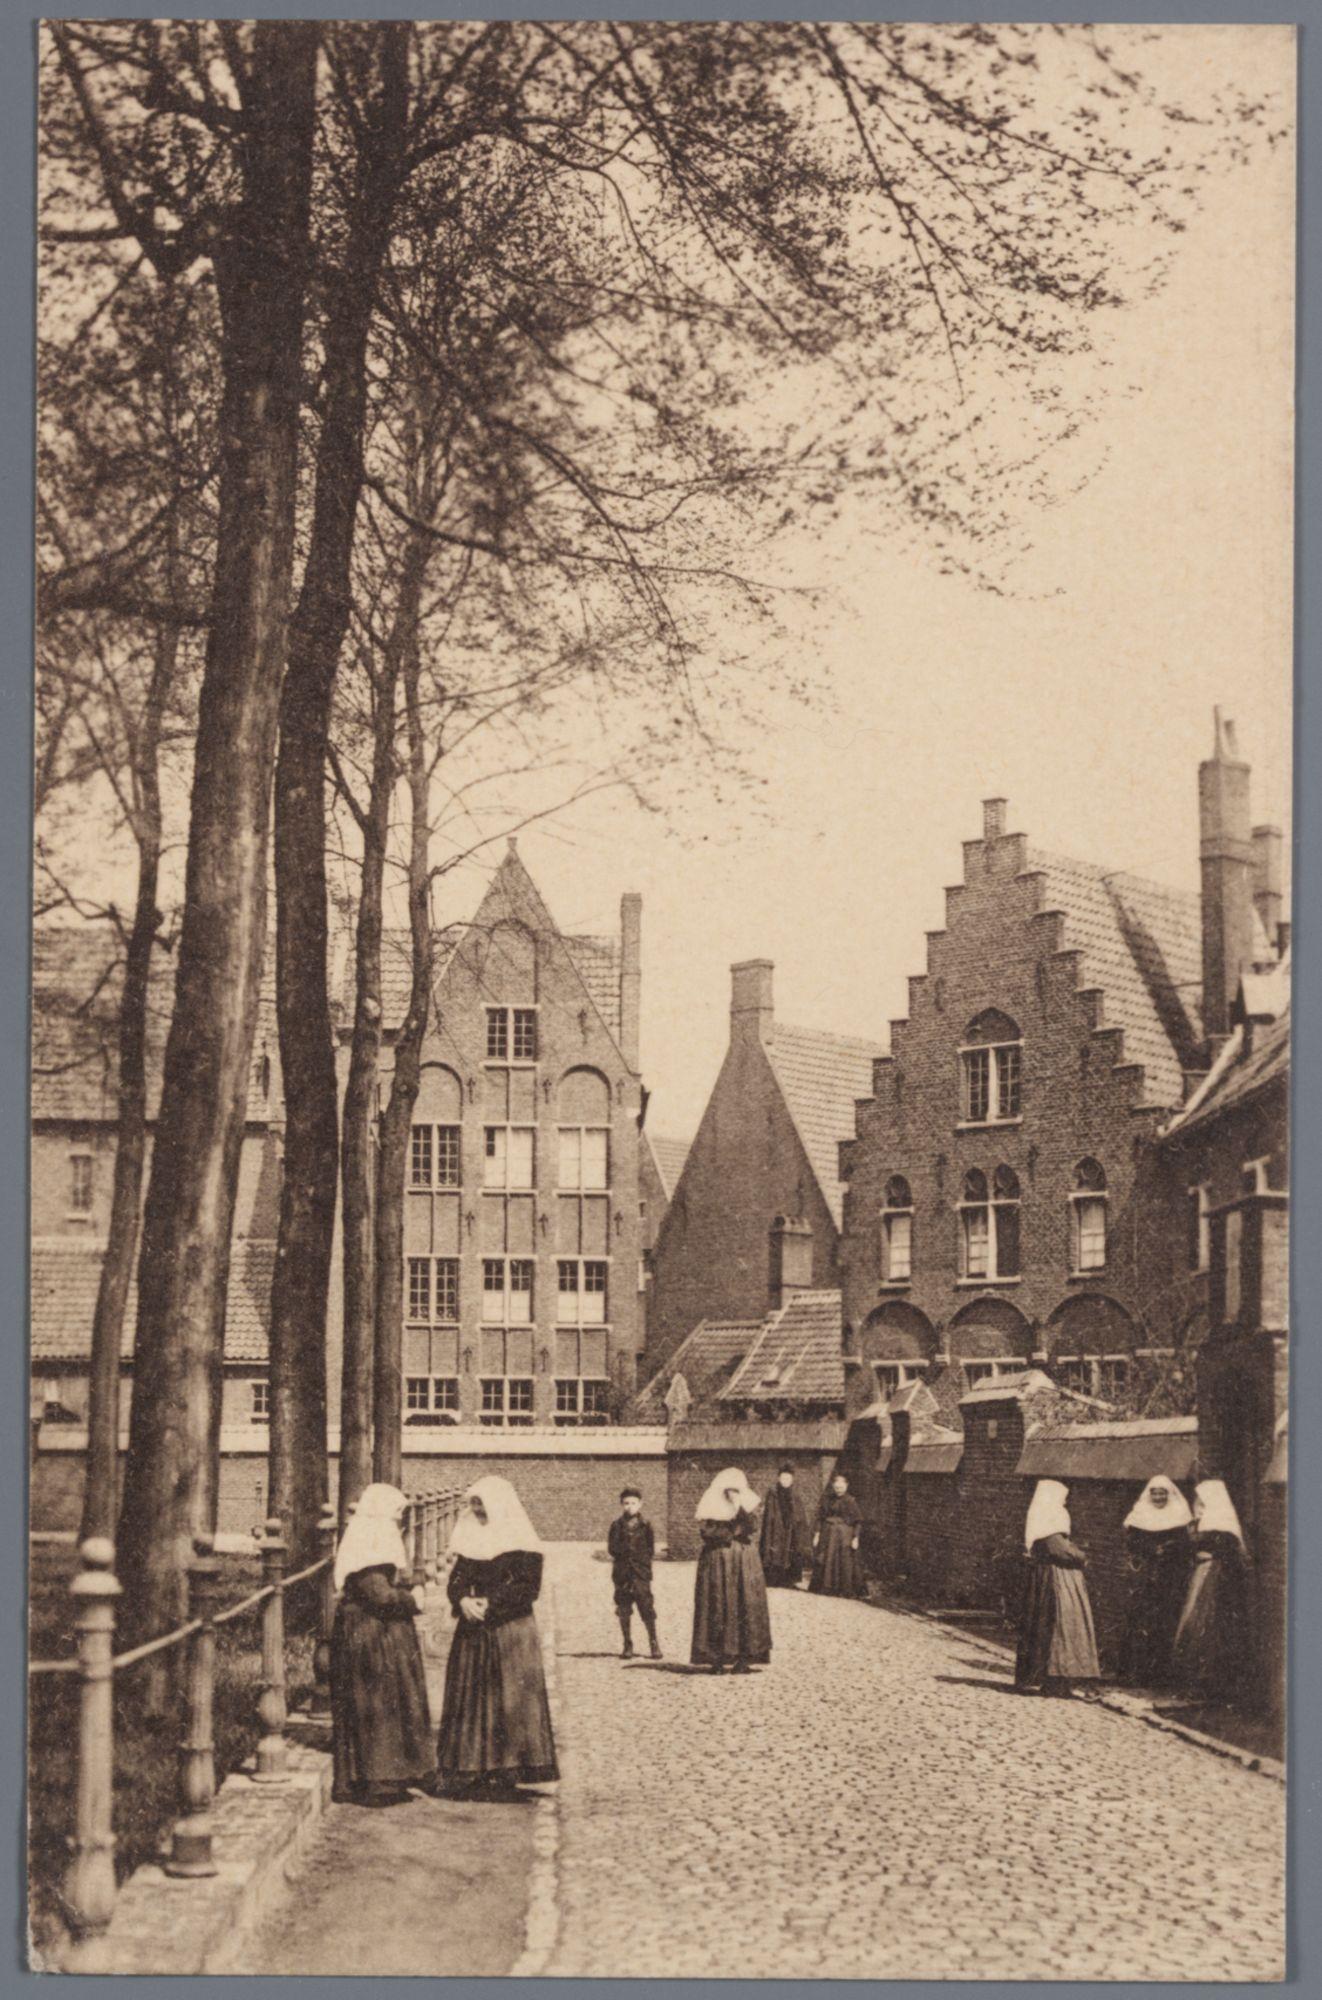 Sint-Amandsberg: Groot Begijnhof: binnenplein Sint-Begga (oostzijde) met begijntjes en andere wandelaars